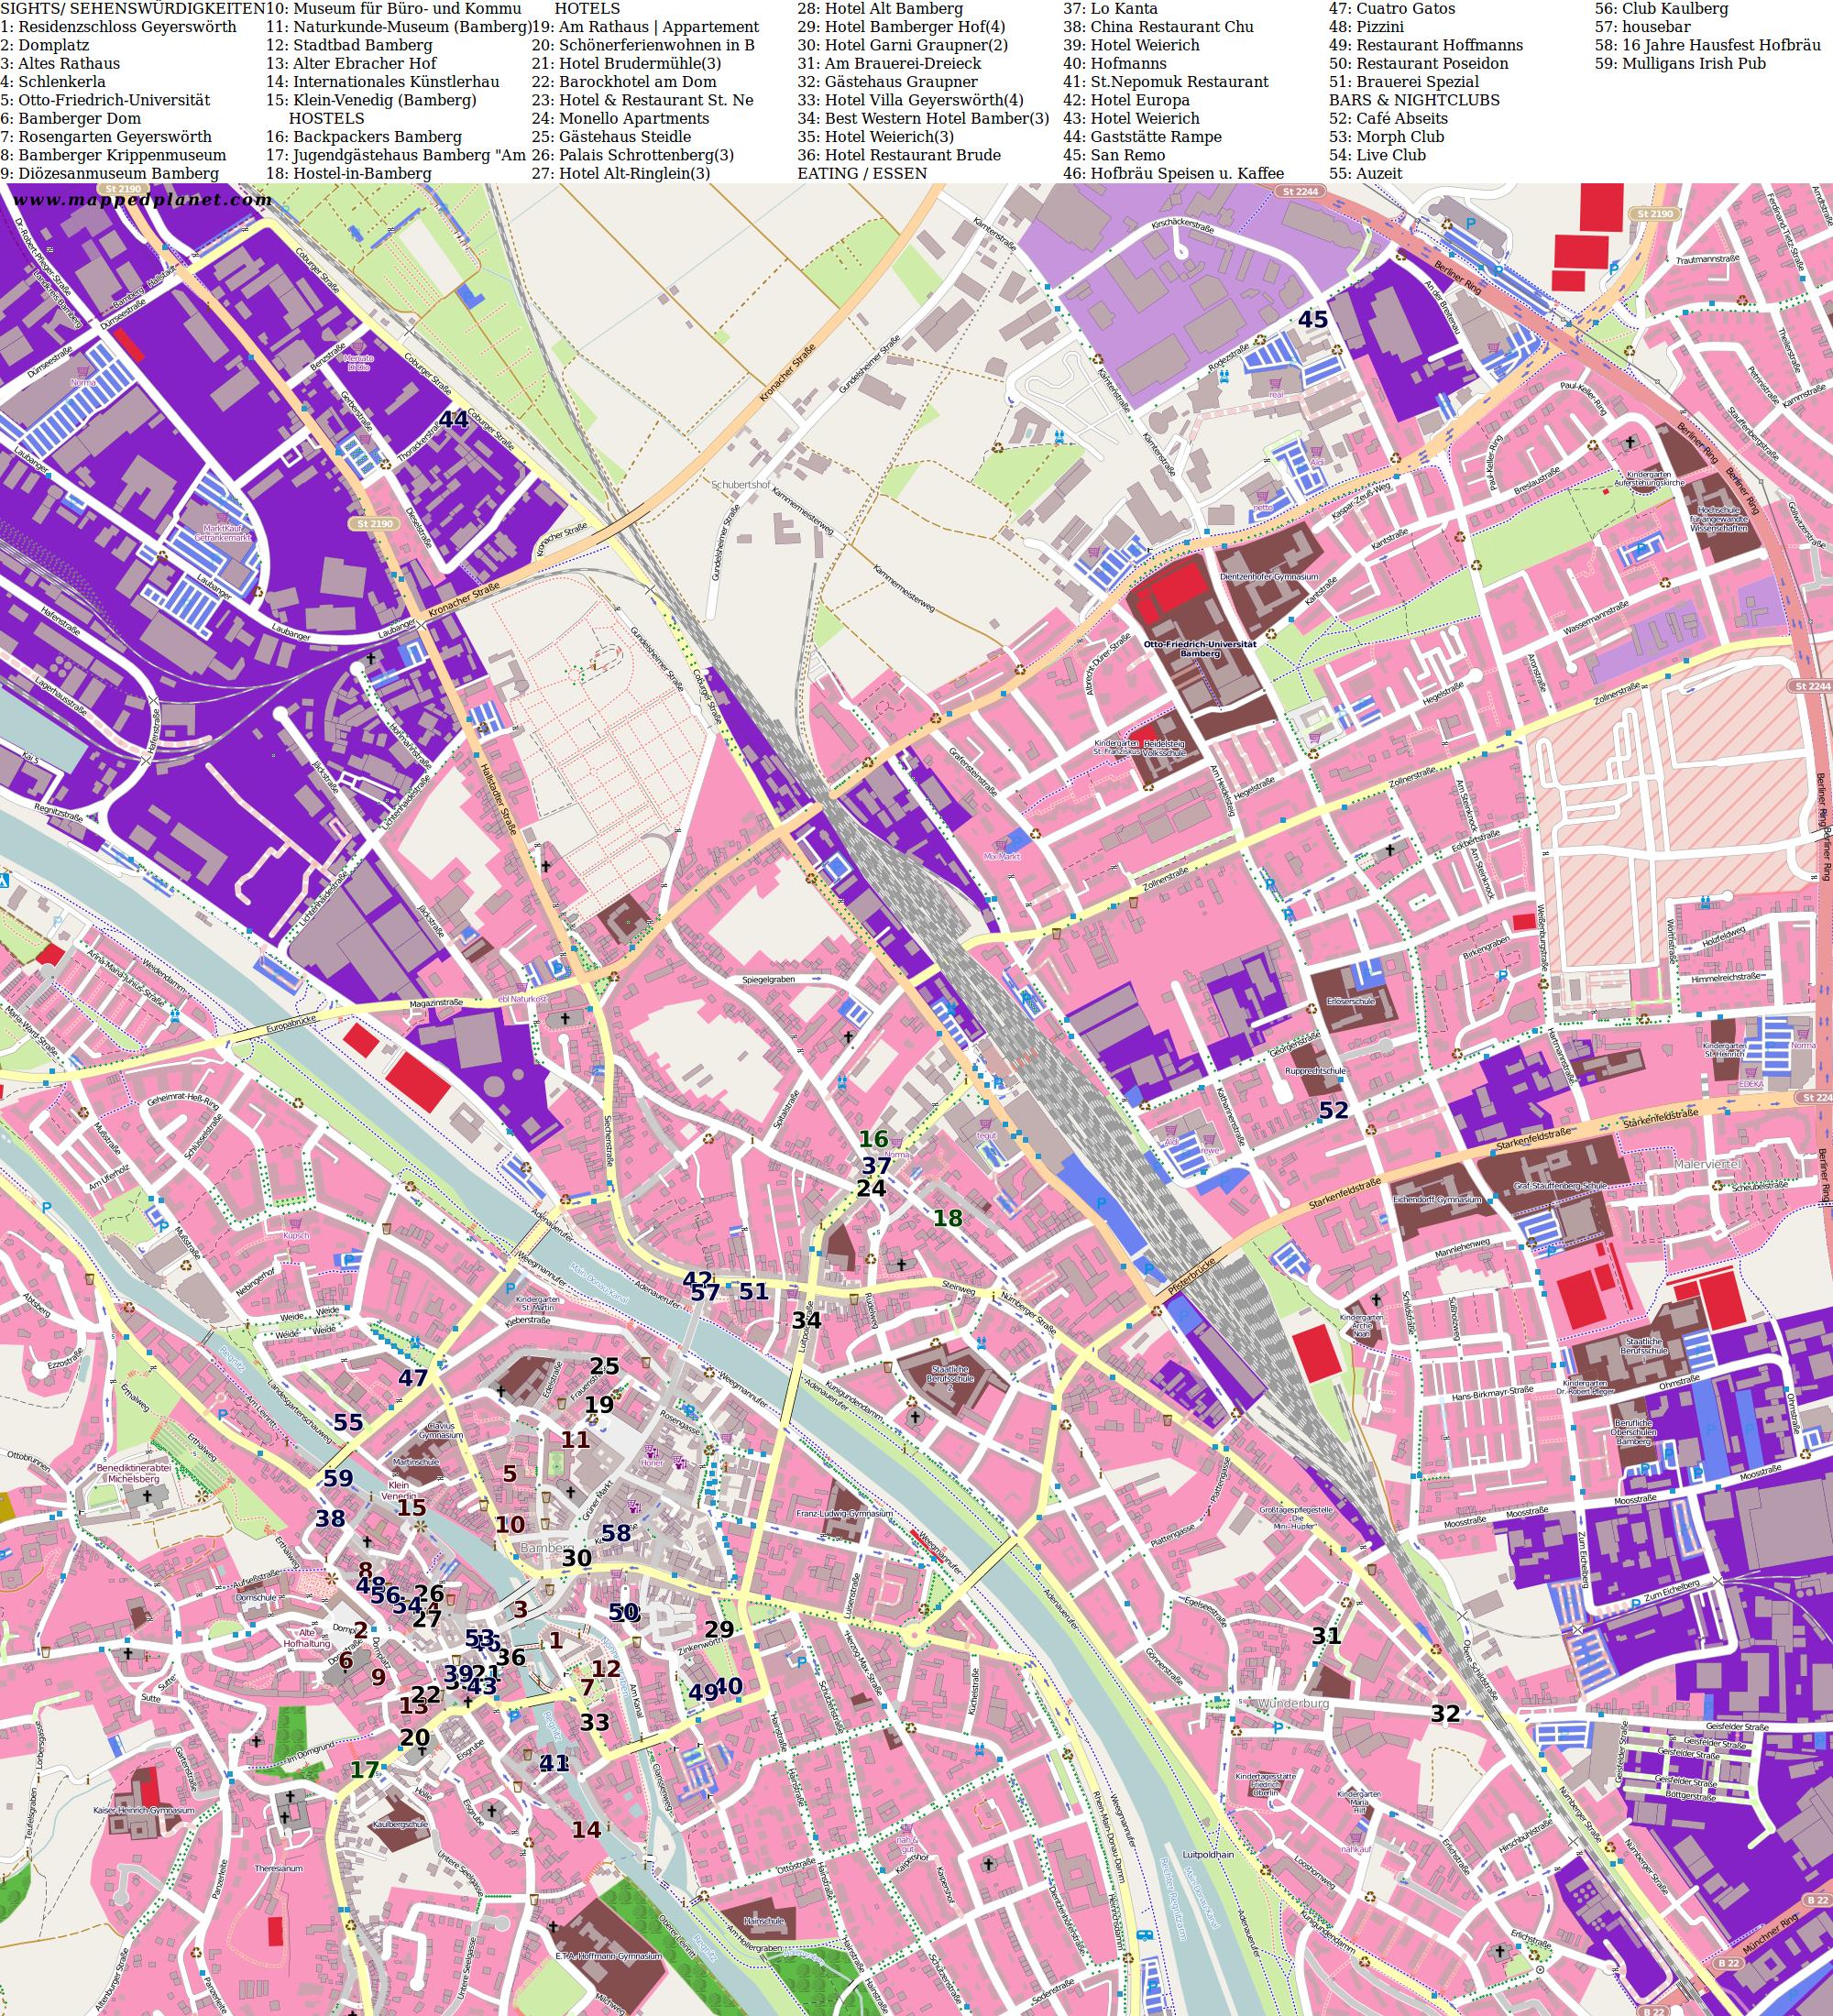 Karte Bamberg.Karten Und Stadtplane Bamberg